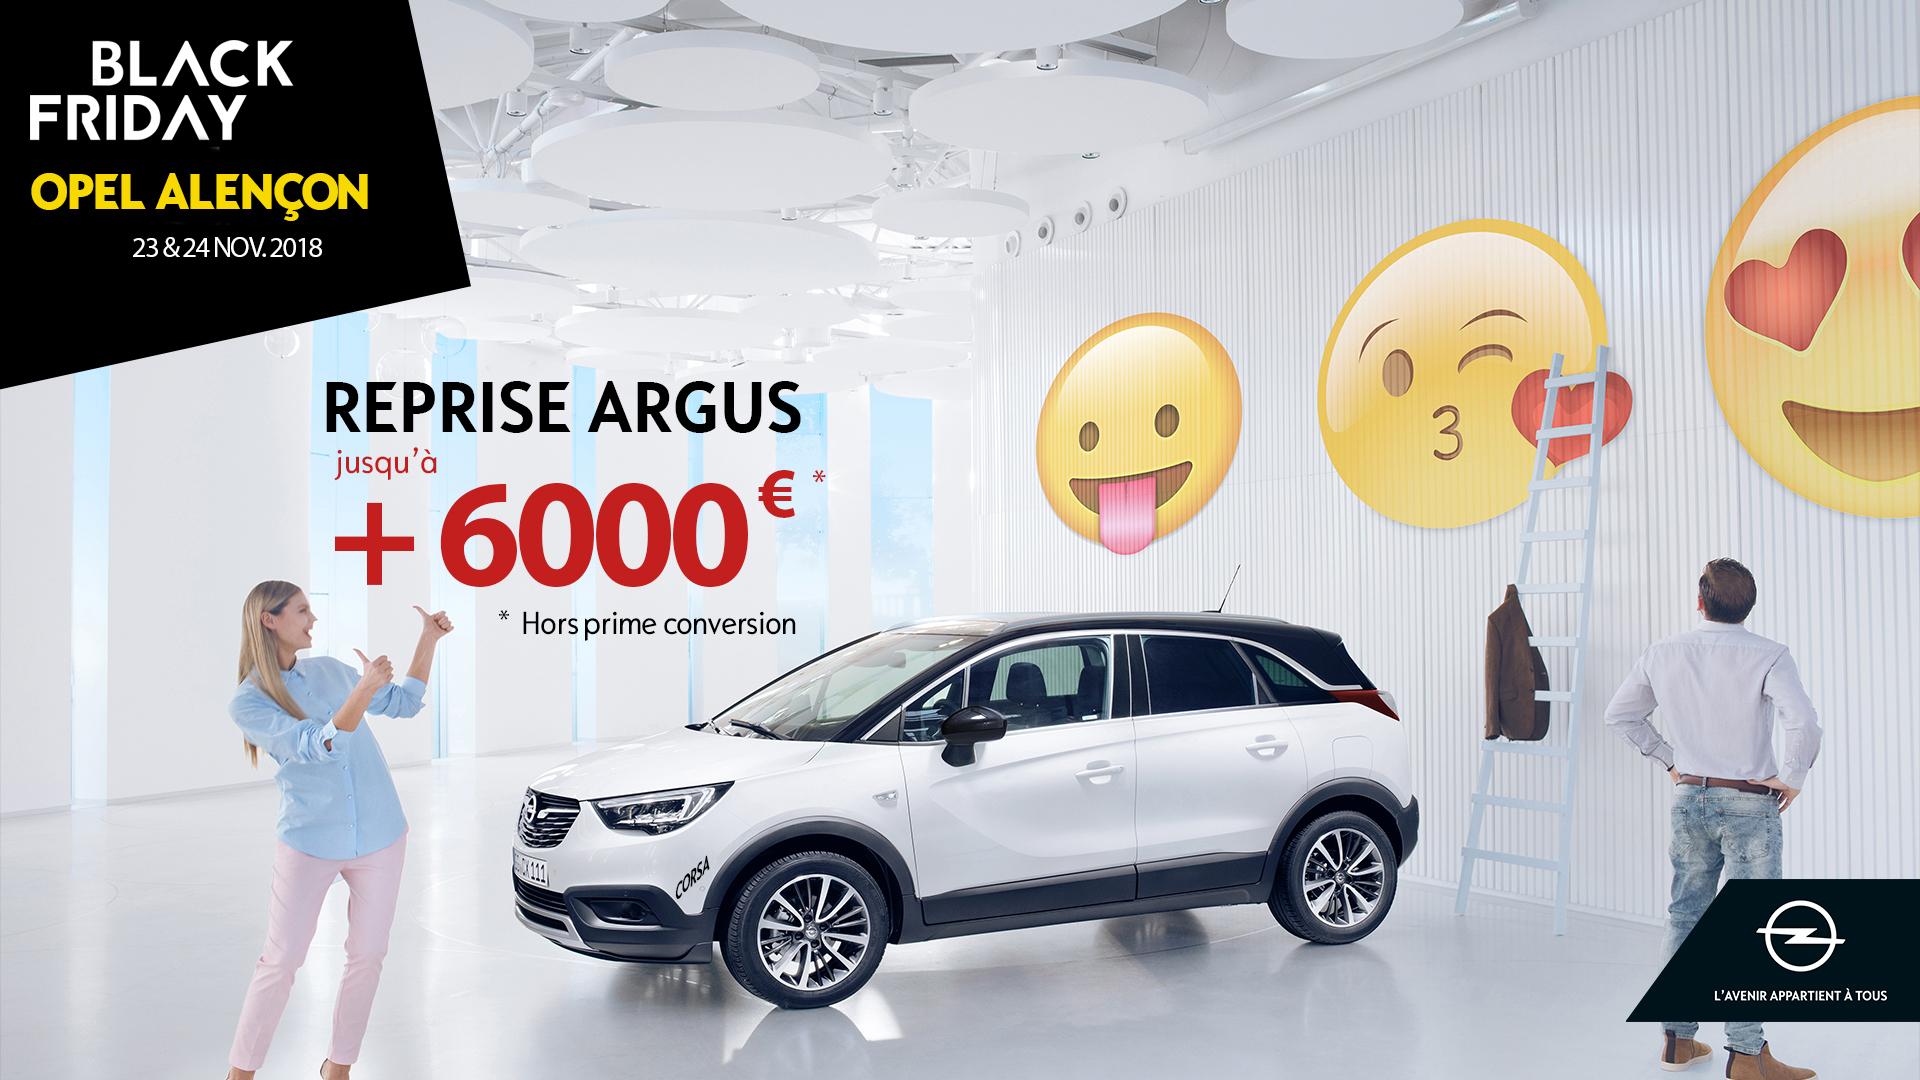 Bénéficiez des meilleures offres de l année sur la gamme Opel et les  véhicules d occasion les 23 et 24 novembre seulement !Reprise ARGUS jusqu à  +6000€ de ... 4c86b772fe2